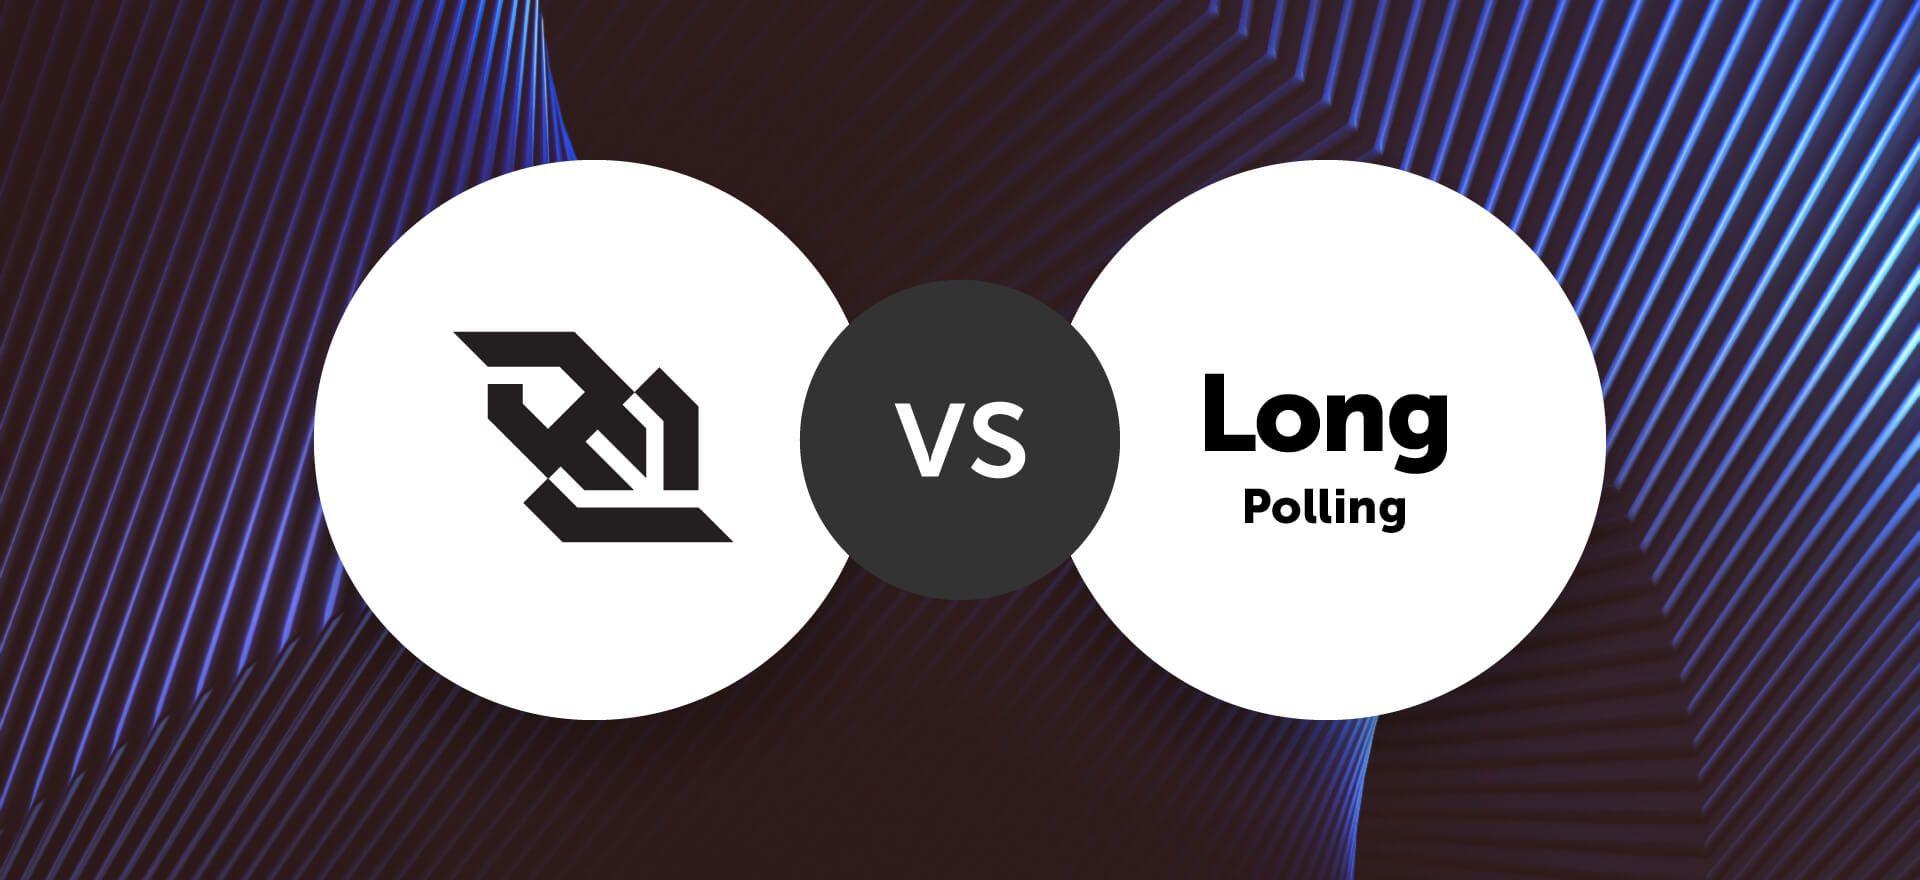 Websockets vs Long Polling, an in-depth comparison